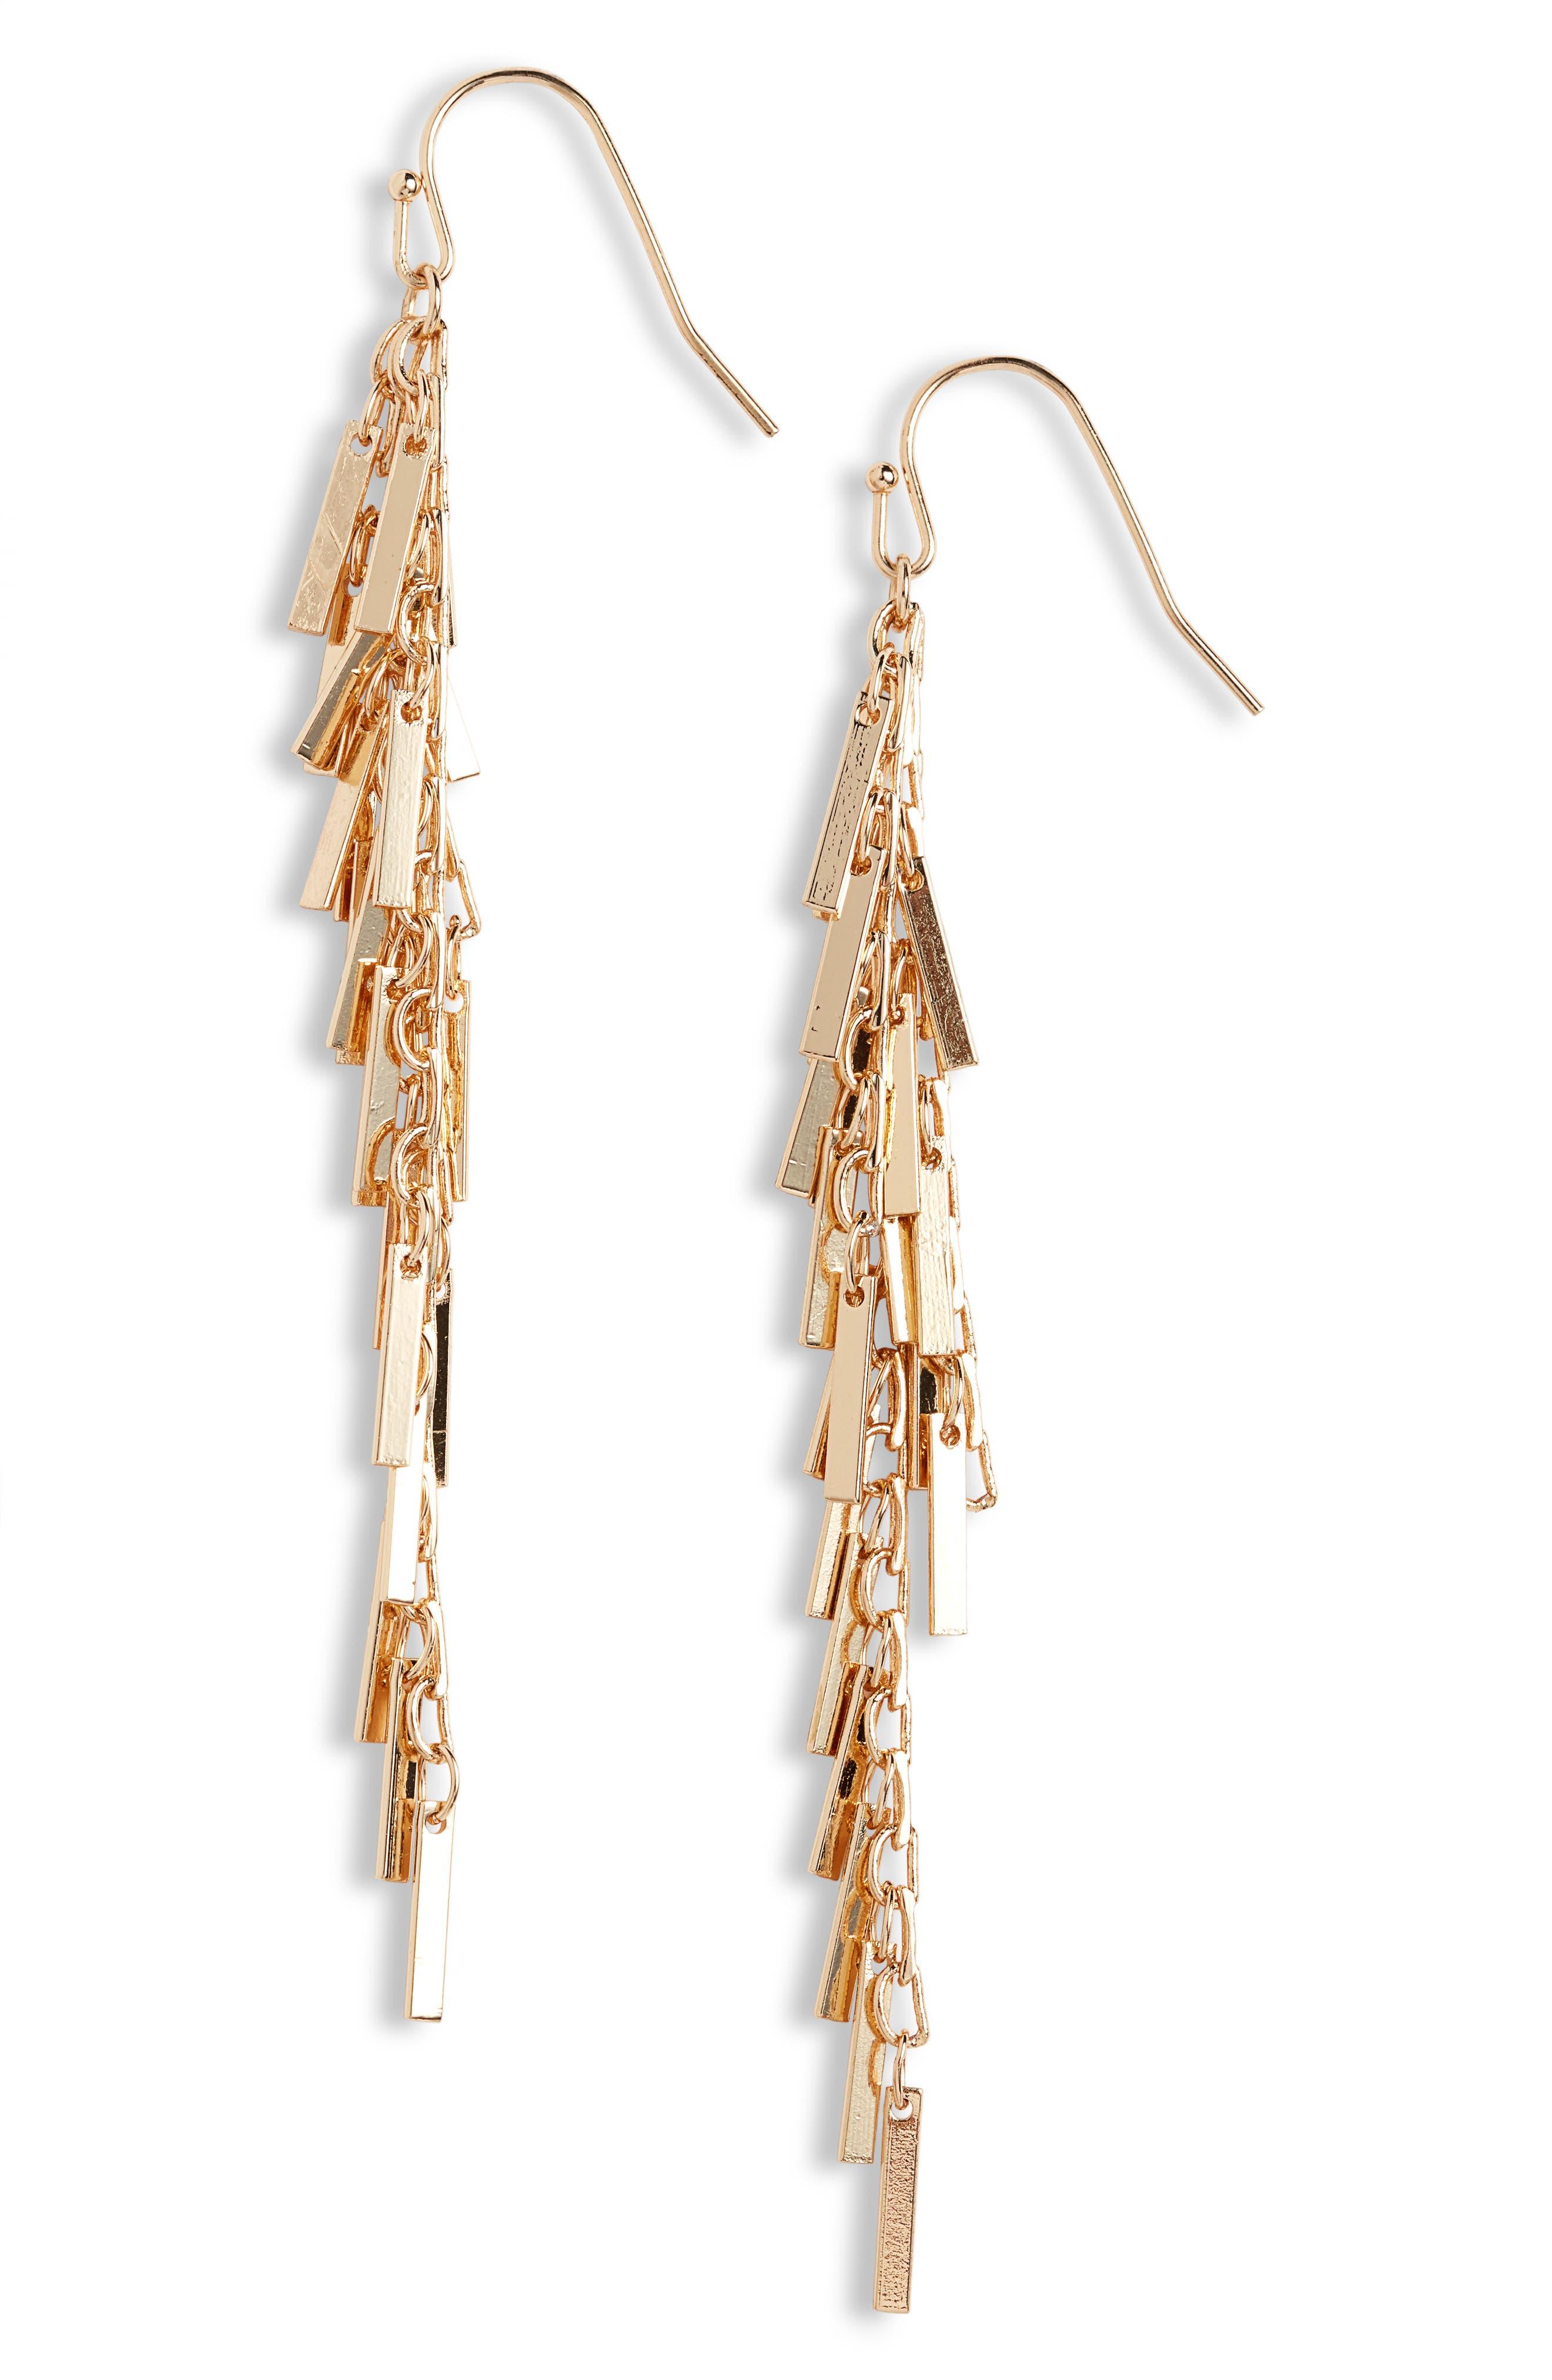 Image of Halogen Shaky Fringe Linear Earrings